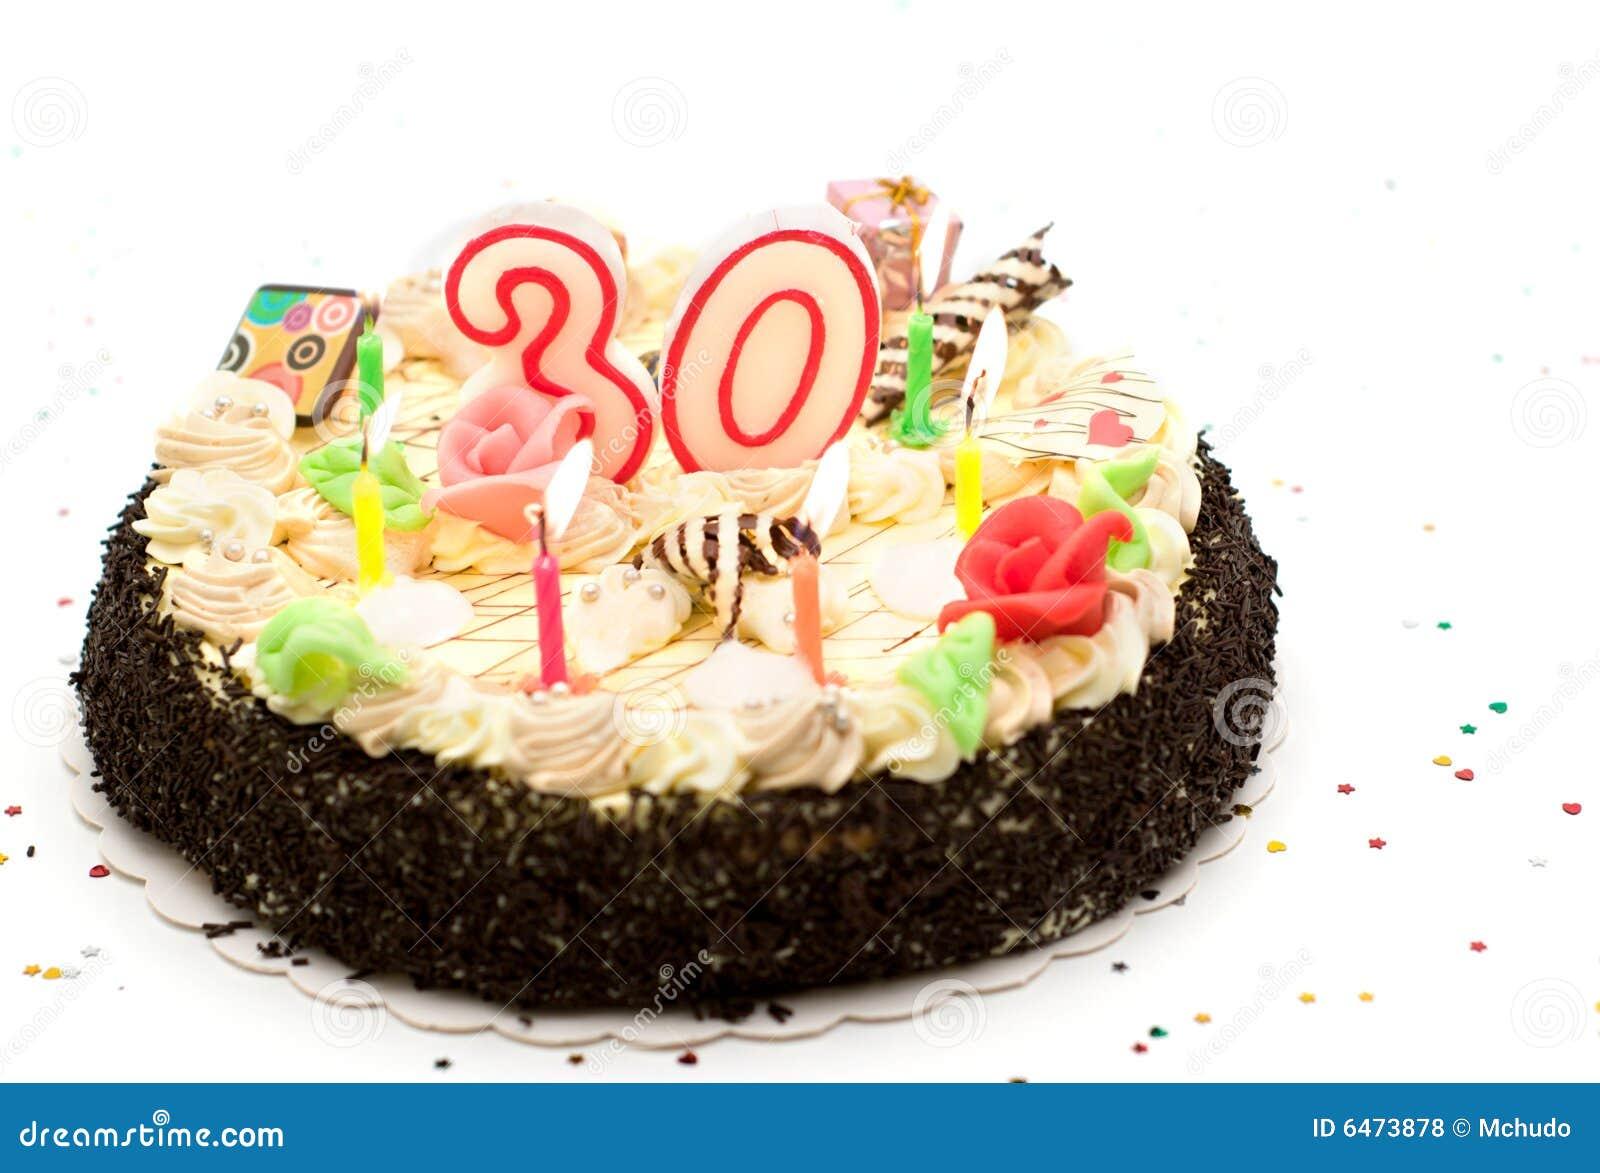 Birthday Cake 30 Years